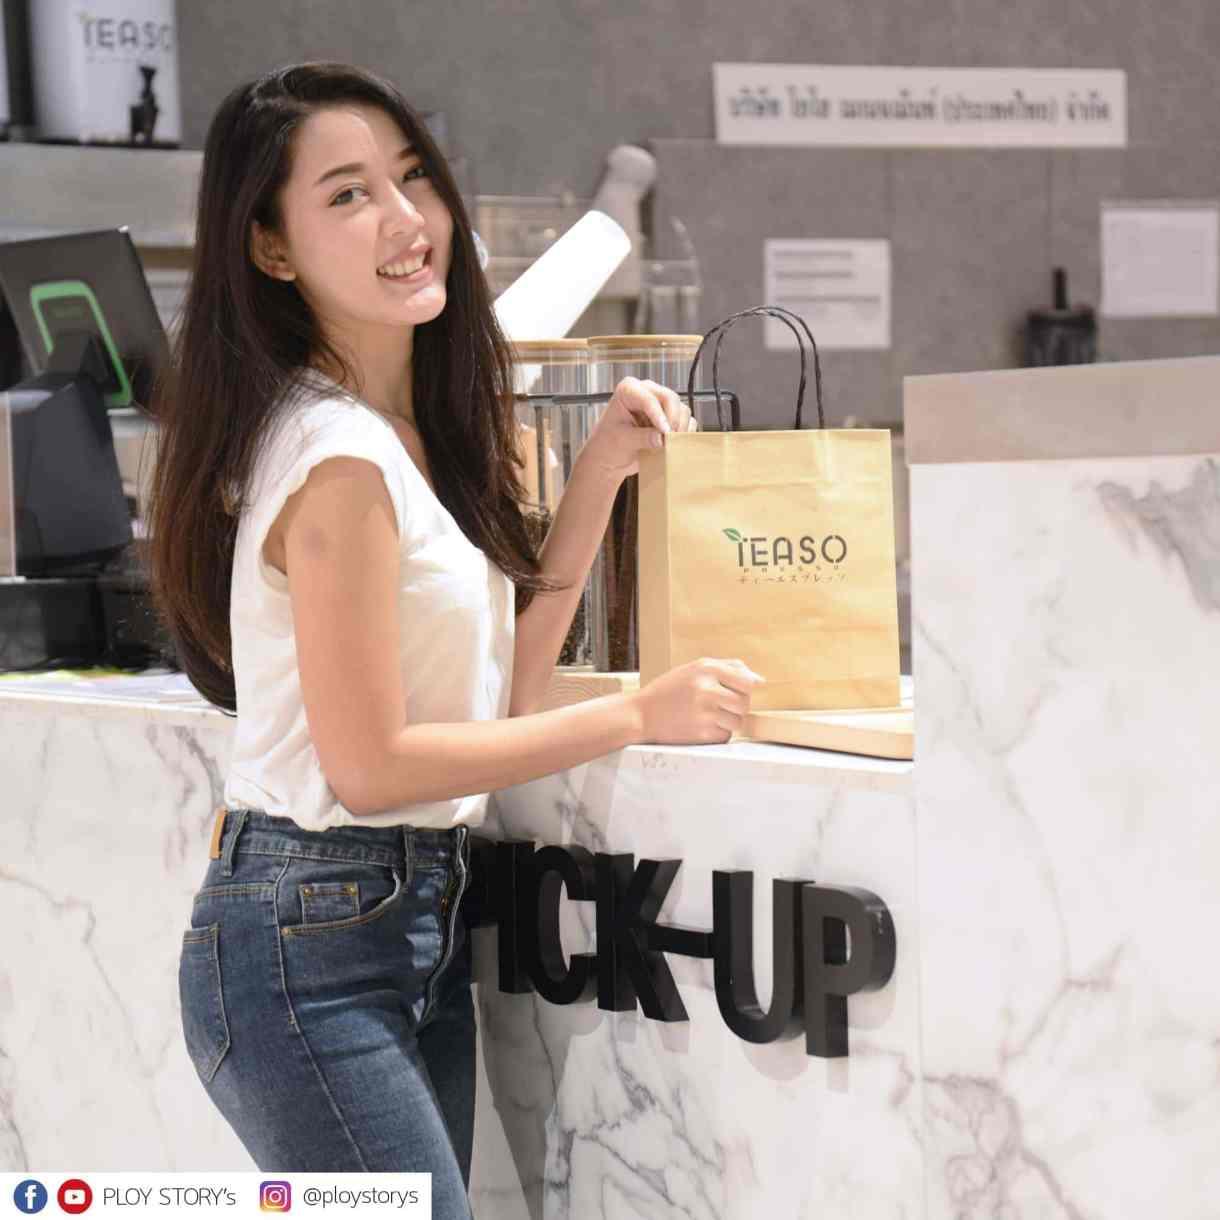 - 12 - รีวิวร้านชา TEASO สวรรค์ของคนรักชา ต้นตำรับจากฮ่องกง คนลดน้ำหนักกินได้แบบไม่รู้สึกผิด